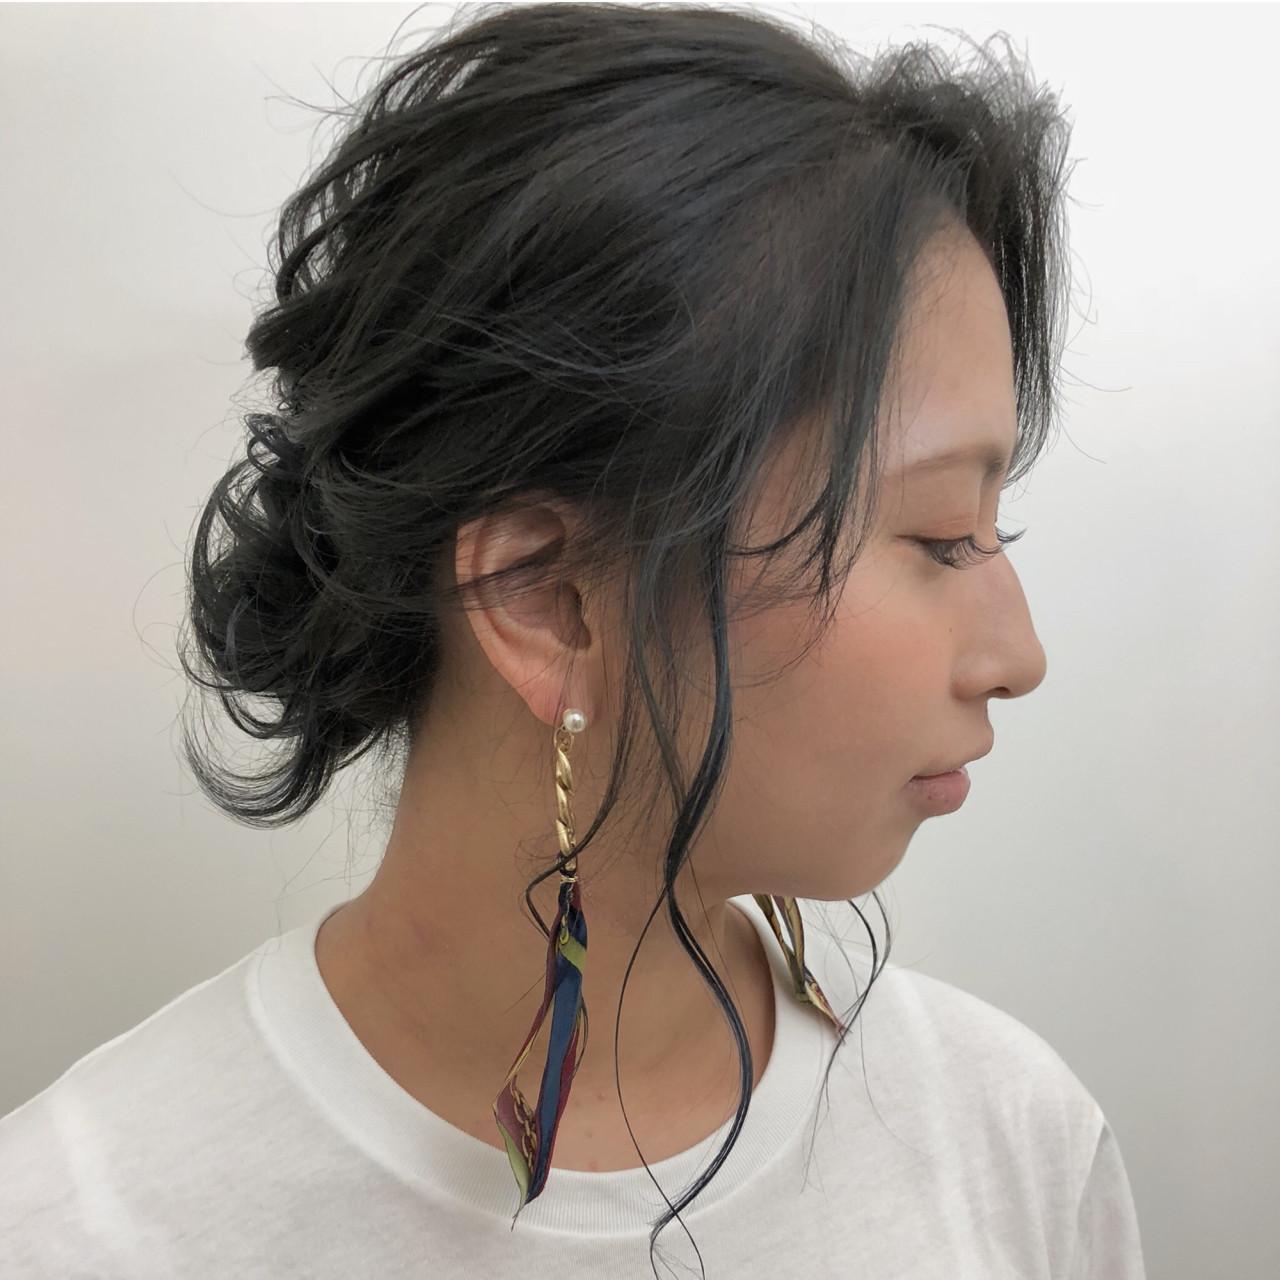 オフィス シニヨン デート ヘアアレンジ ヘアスタイルや髪型の写真・画像